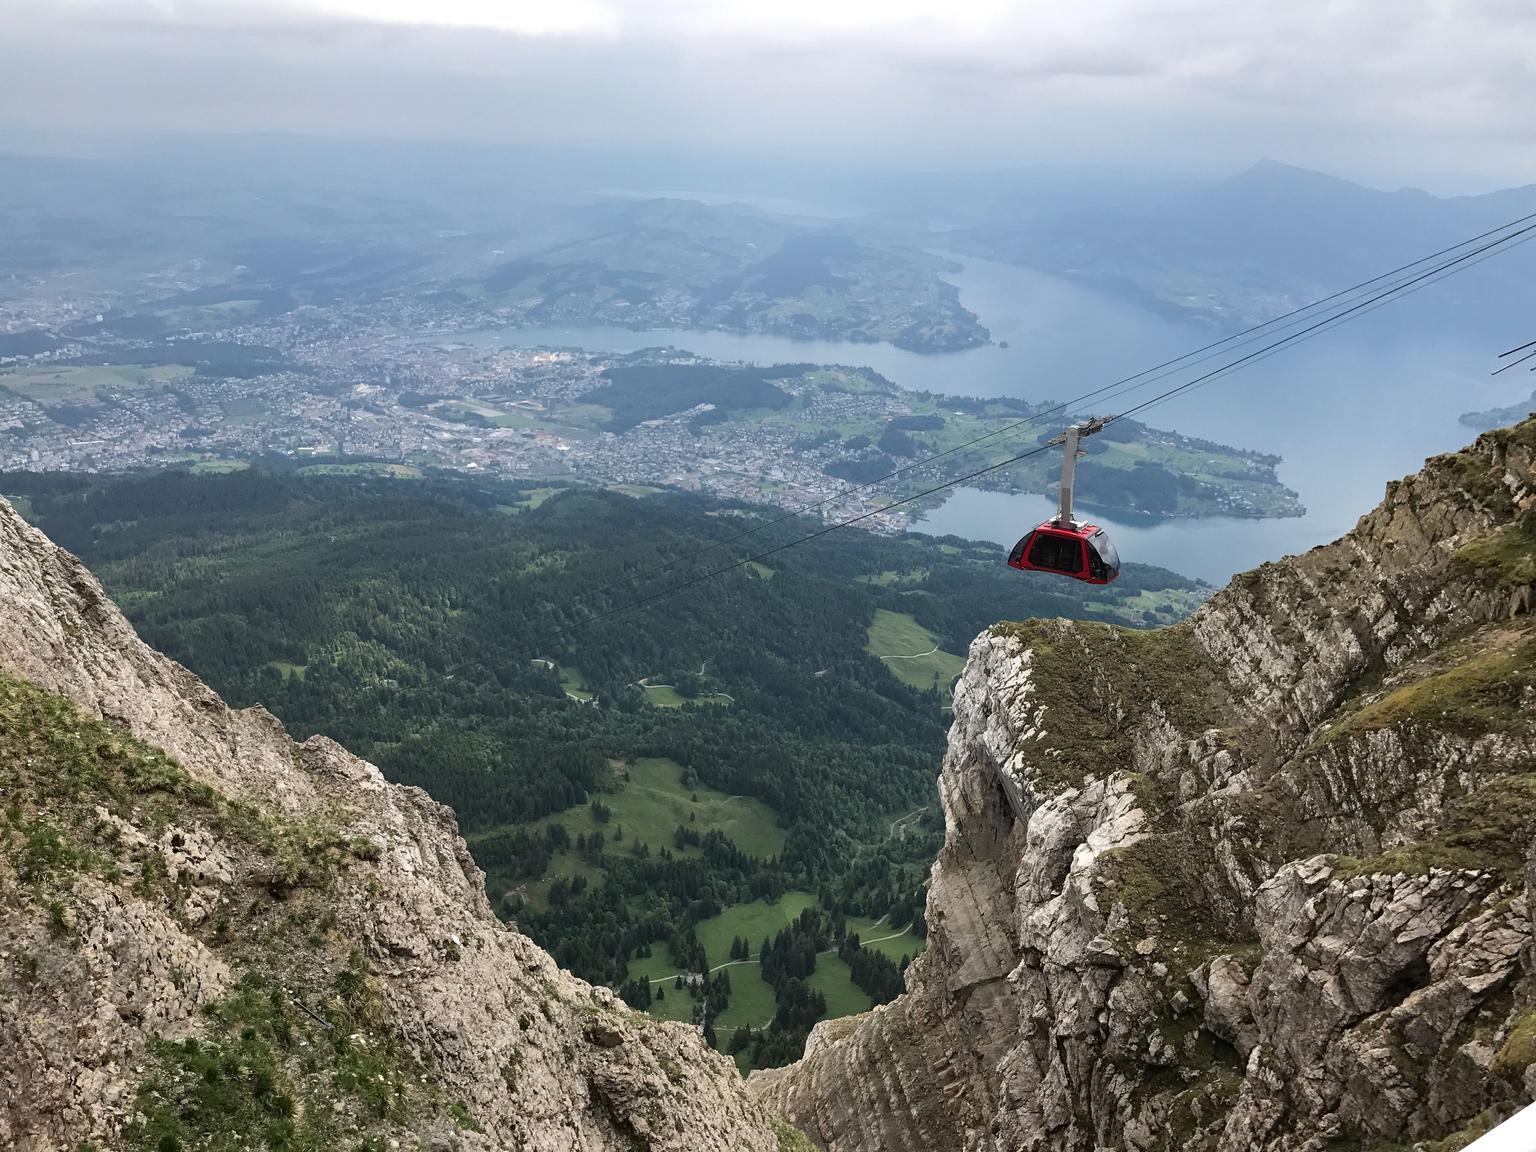 MÁS FOTOS, Viaje de ida y vuelta categoría oro con crucero por el lago hasta Monte Pilatus desde Lucerna